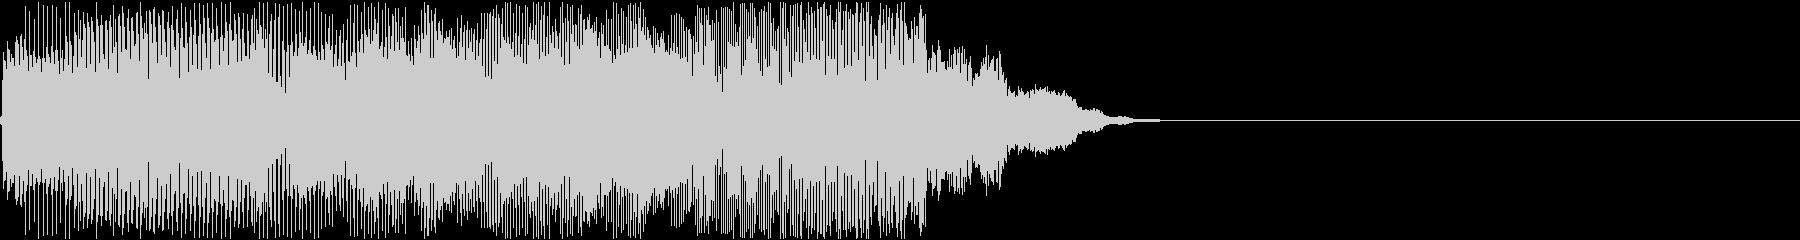 チュイーン(伸びたり、弾んだり、)の未再生の波形